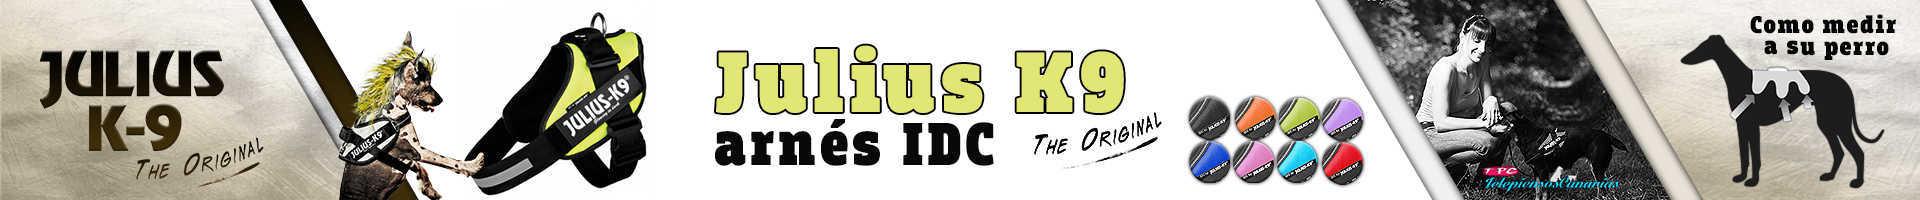 Julius-K9 arnés idc de color amarillo, deportivo y transpirable